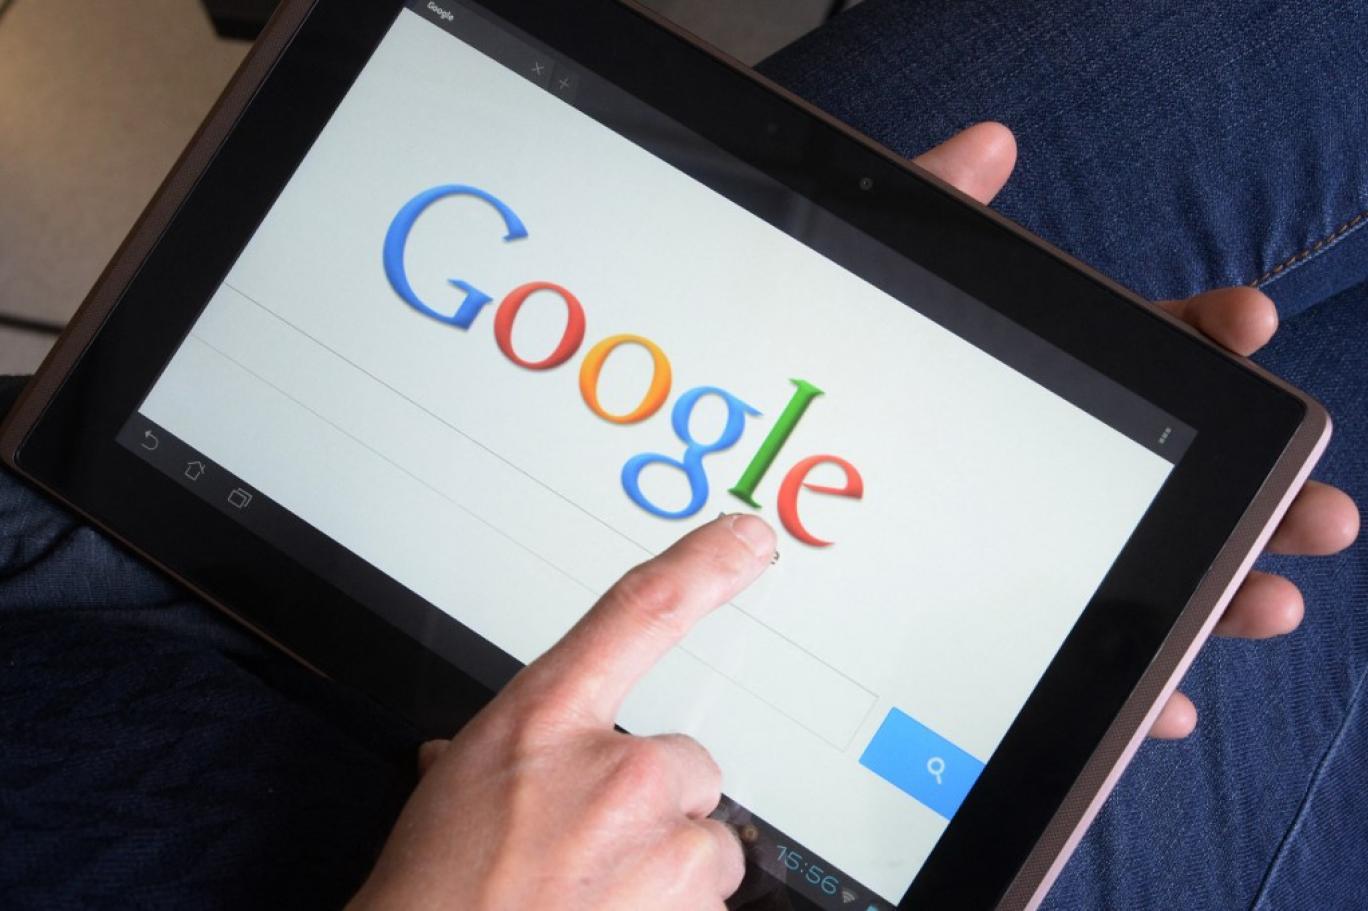 """تدابير أمنية جديدة للأطفال على """"غوغل"""" و""""يوتيوب"""""""